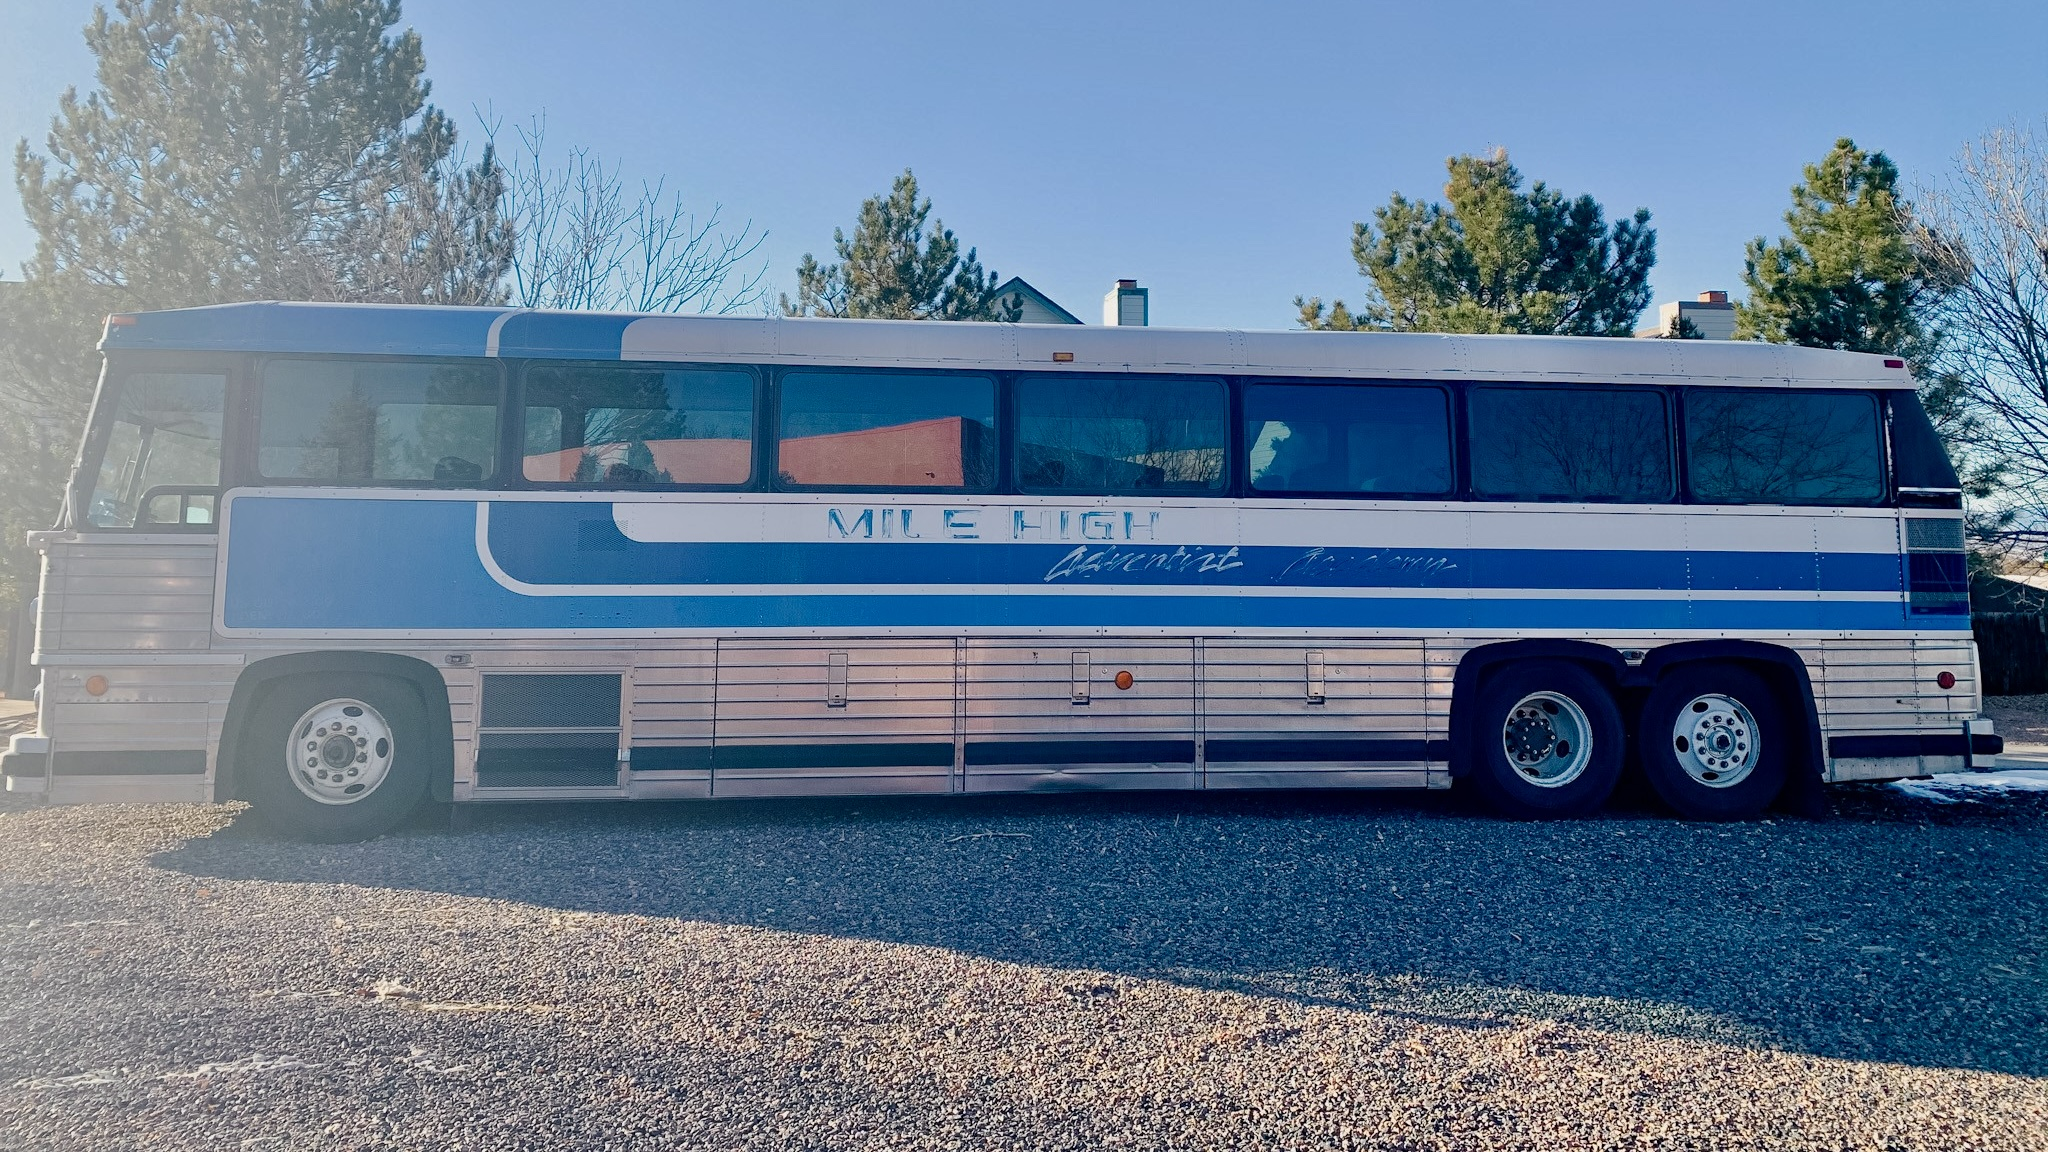 MHA BUS TAKES FINAL TRIP